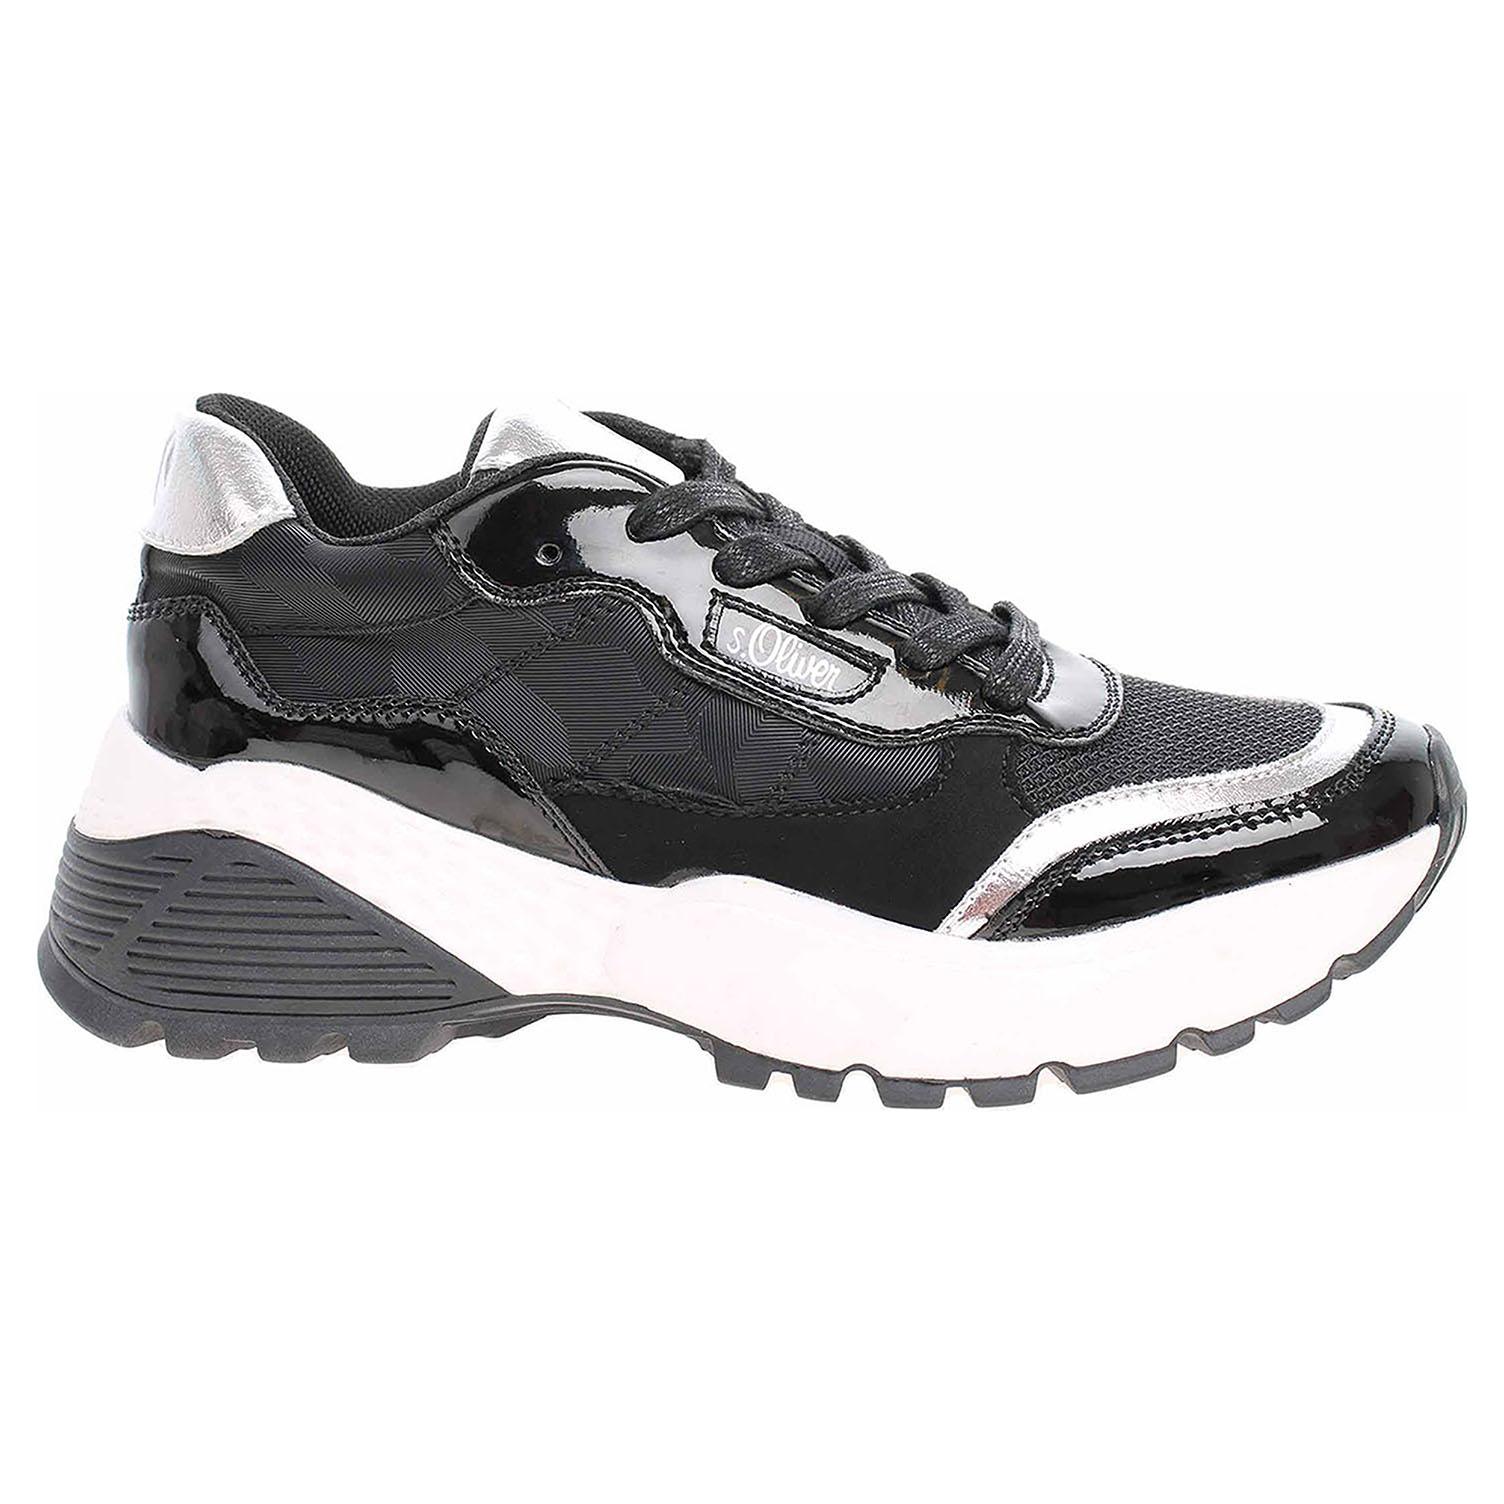 Dámská obuv s.Oliver 5-23610-23 black comb 5-5-23610-23 098 39